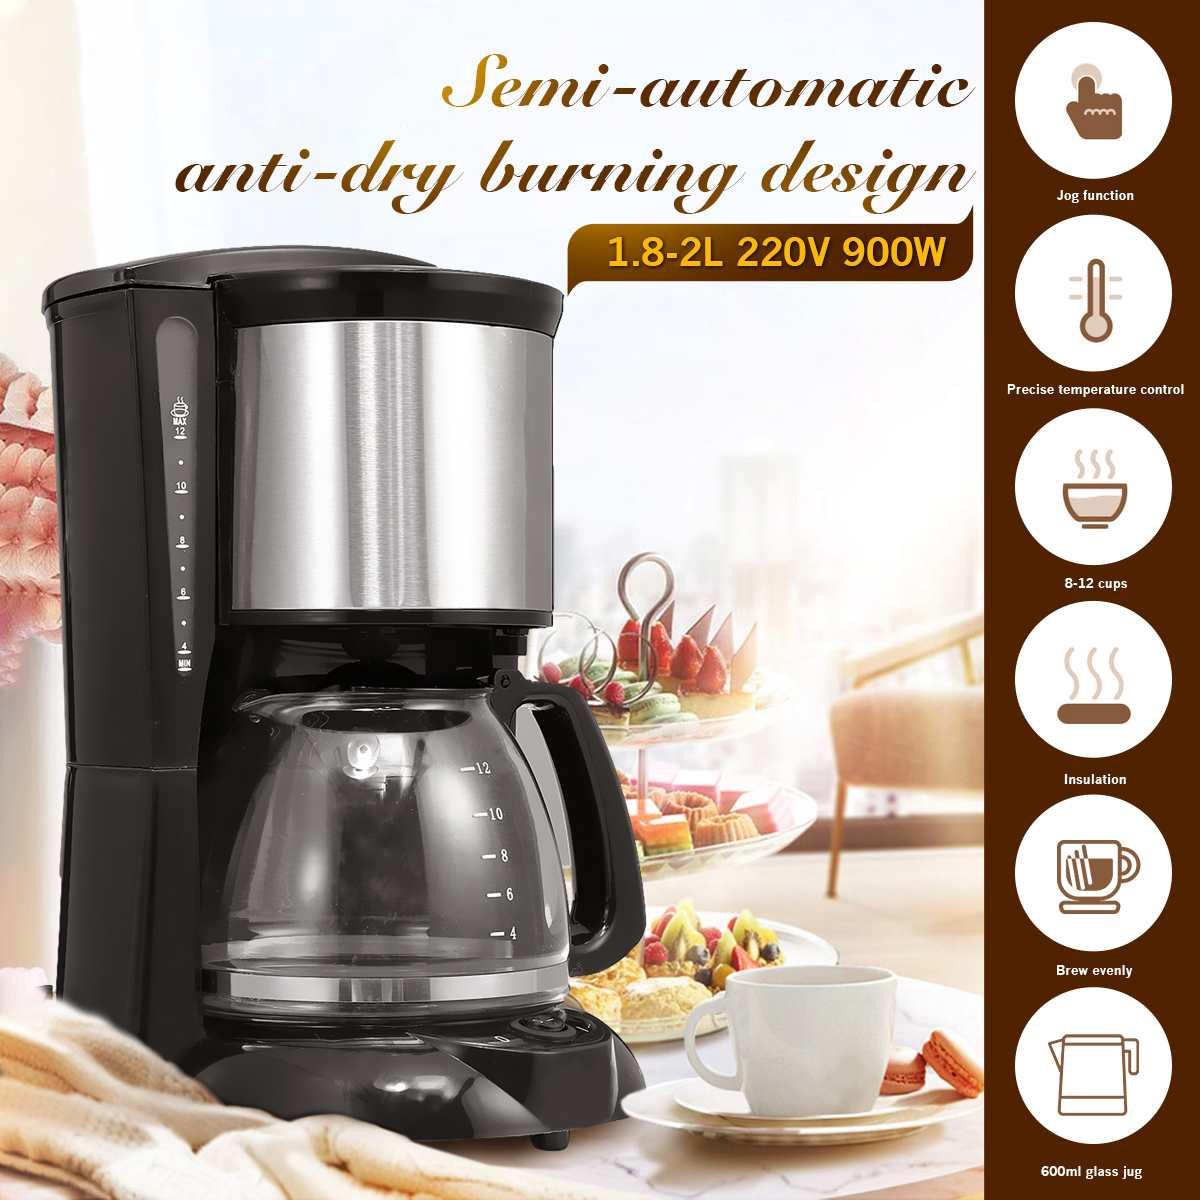 2L 8-12 كوب ماكينة القهوة 220 فولت اسبريسو بالتنقيط صانع القهوة مع غلاية زجاجية مرشح مسحوق القهوة مكافحة بالتنقيط العزل إبريق الشاي